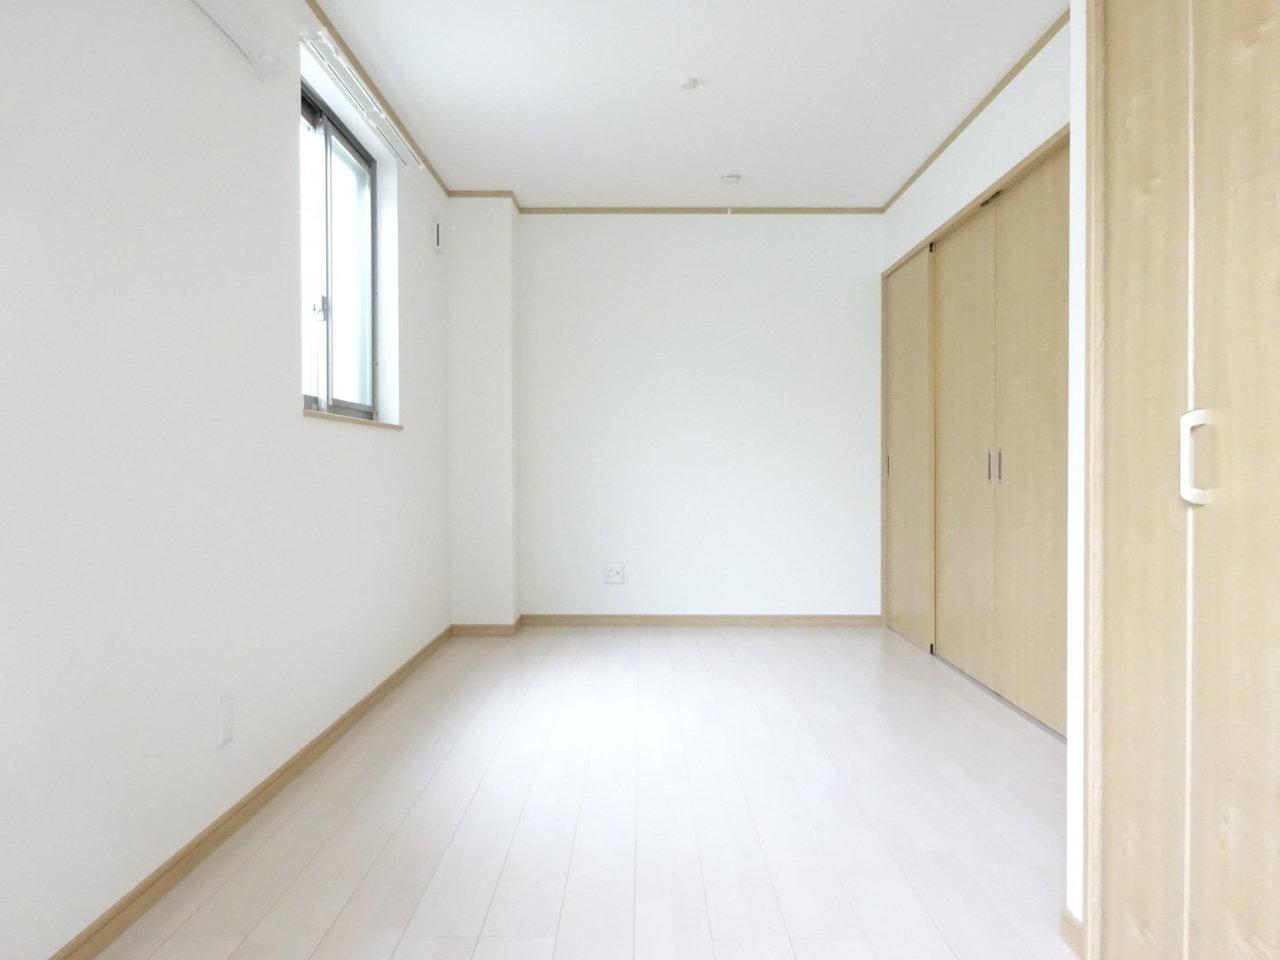 洋室のほうは南側に、小さいながらも高めの位置に窓が設置されているので、日中は明るい光が差し込んできます。